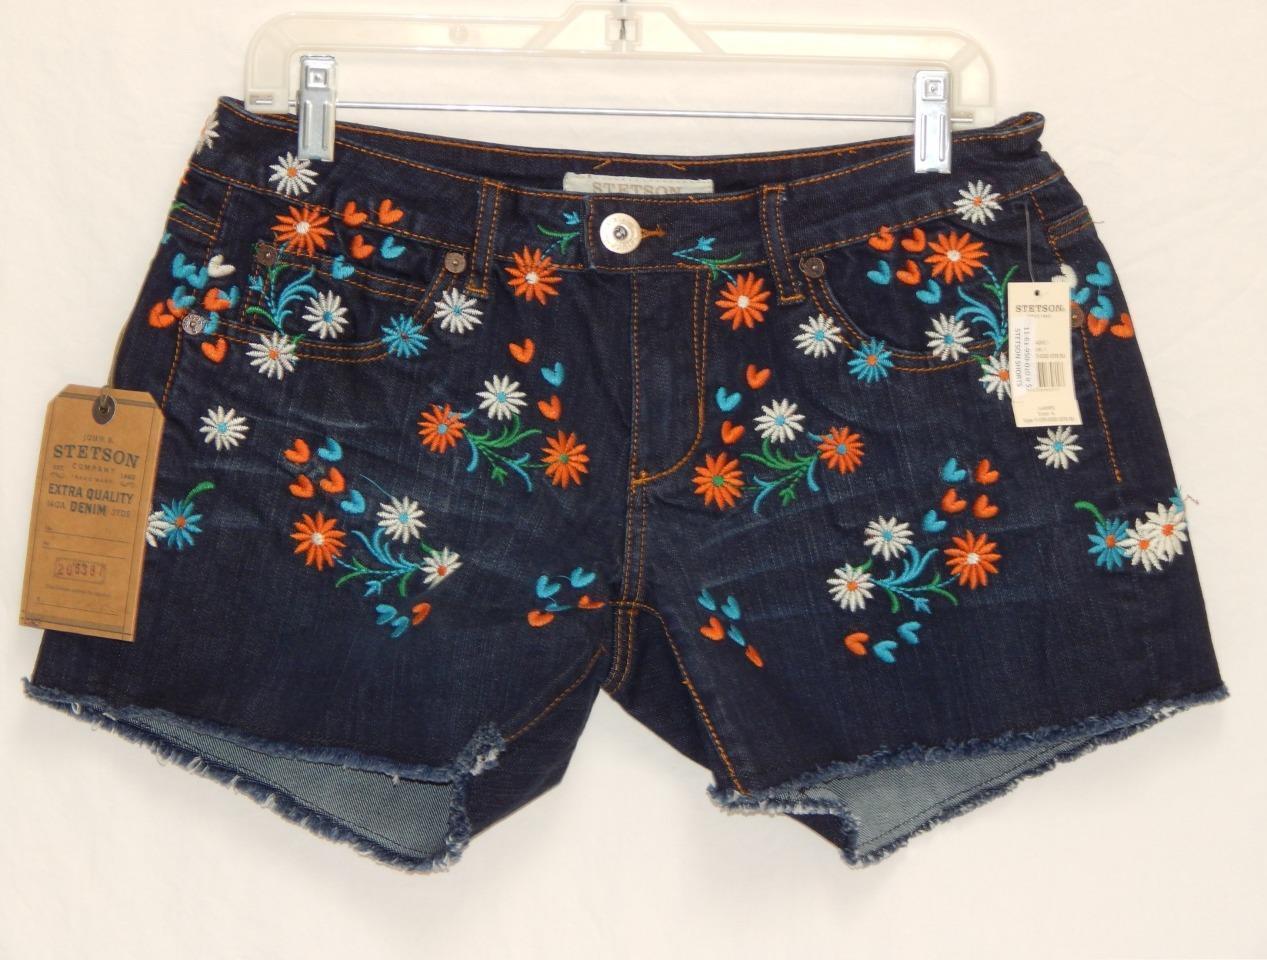 New STETSON Women's Dark Wash Floral Embroidered Denim Short Shorts Size 6